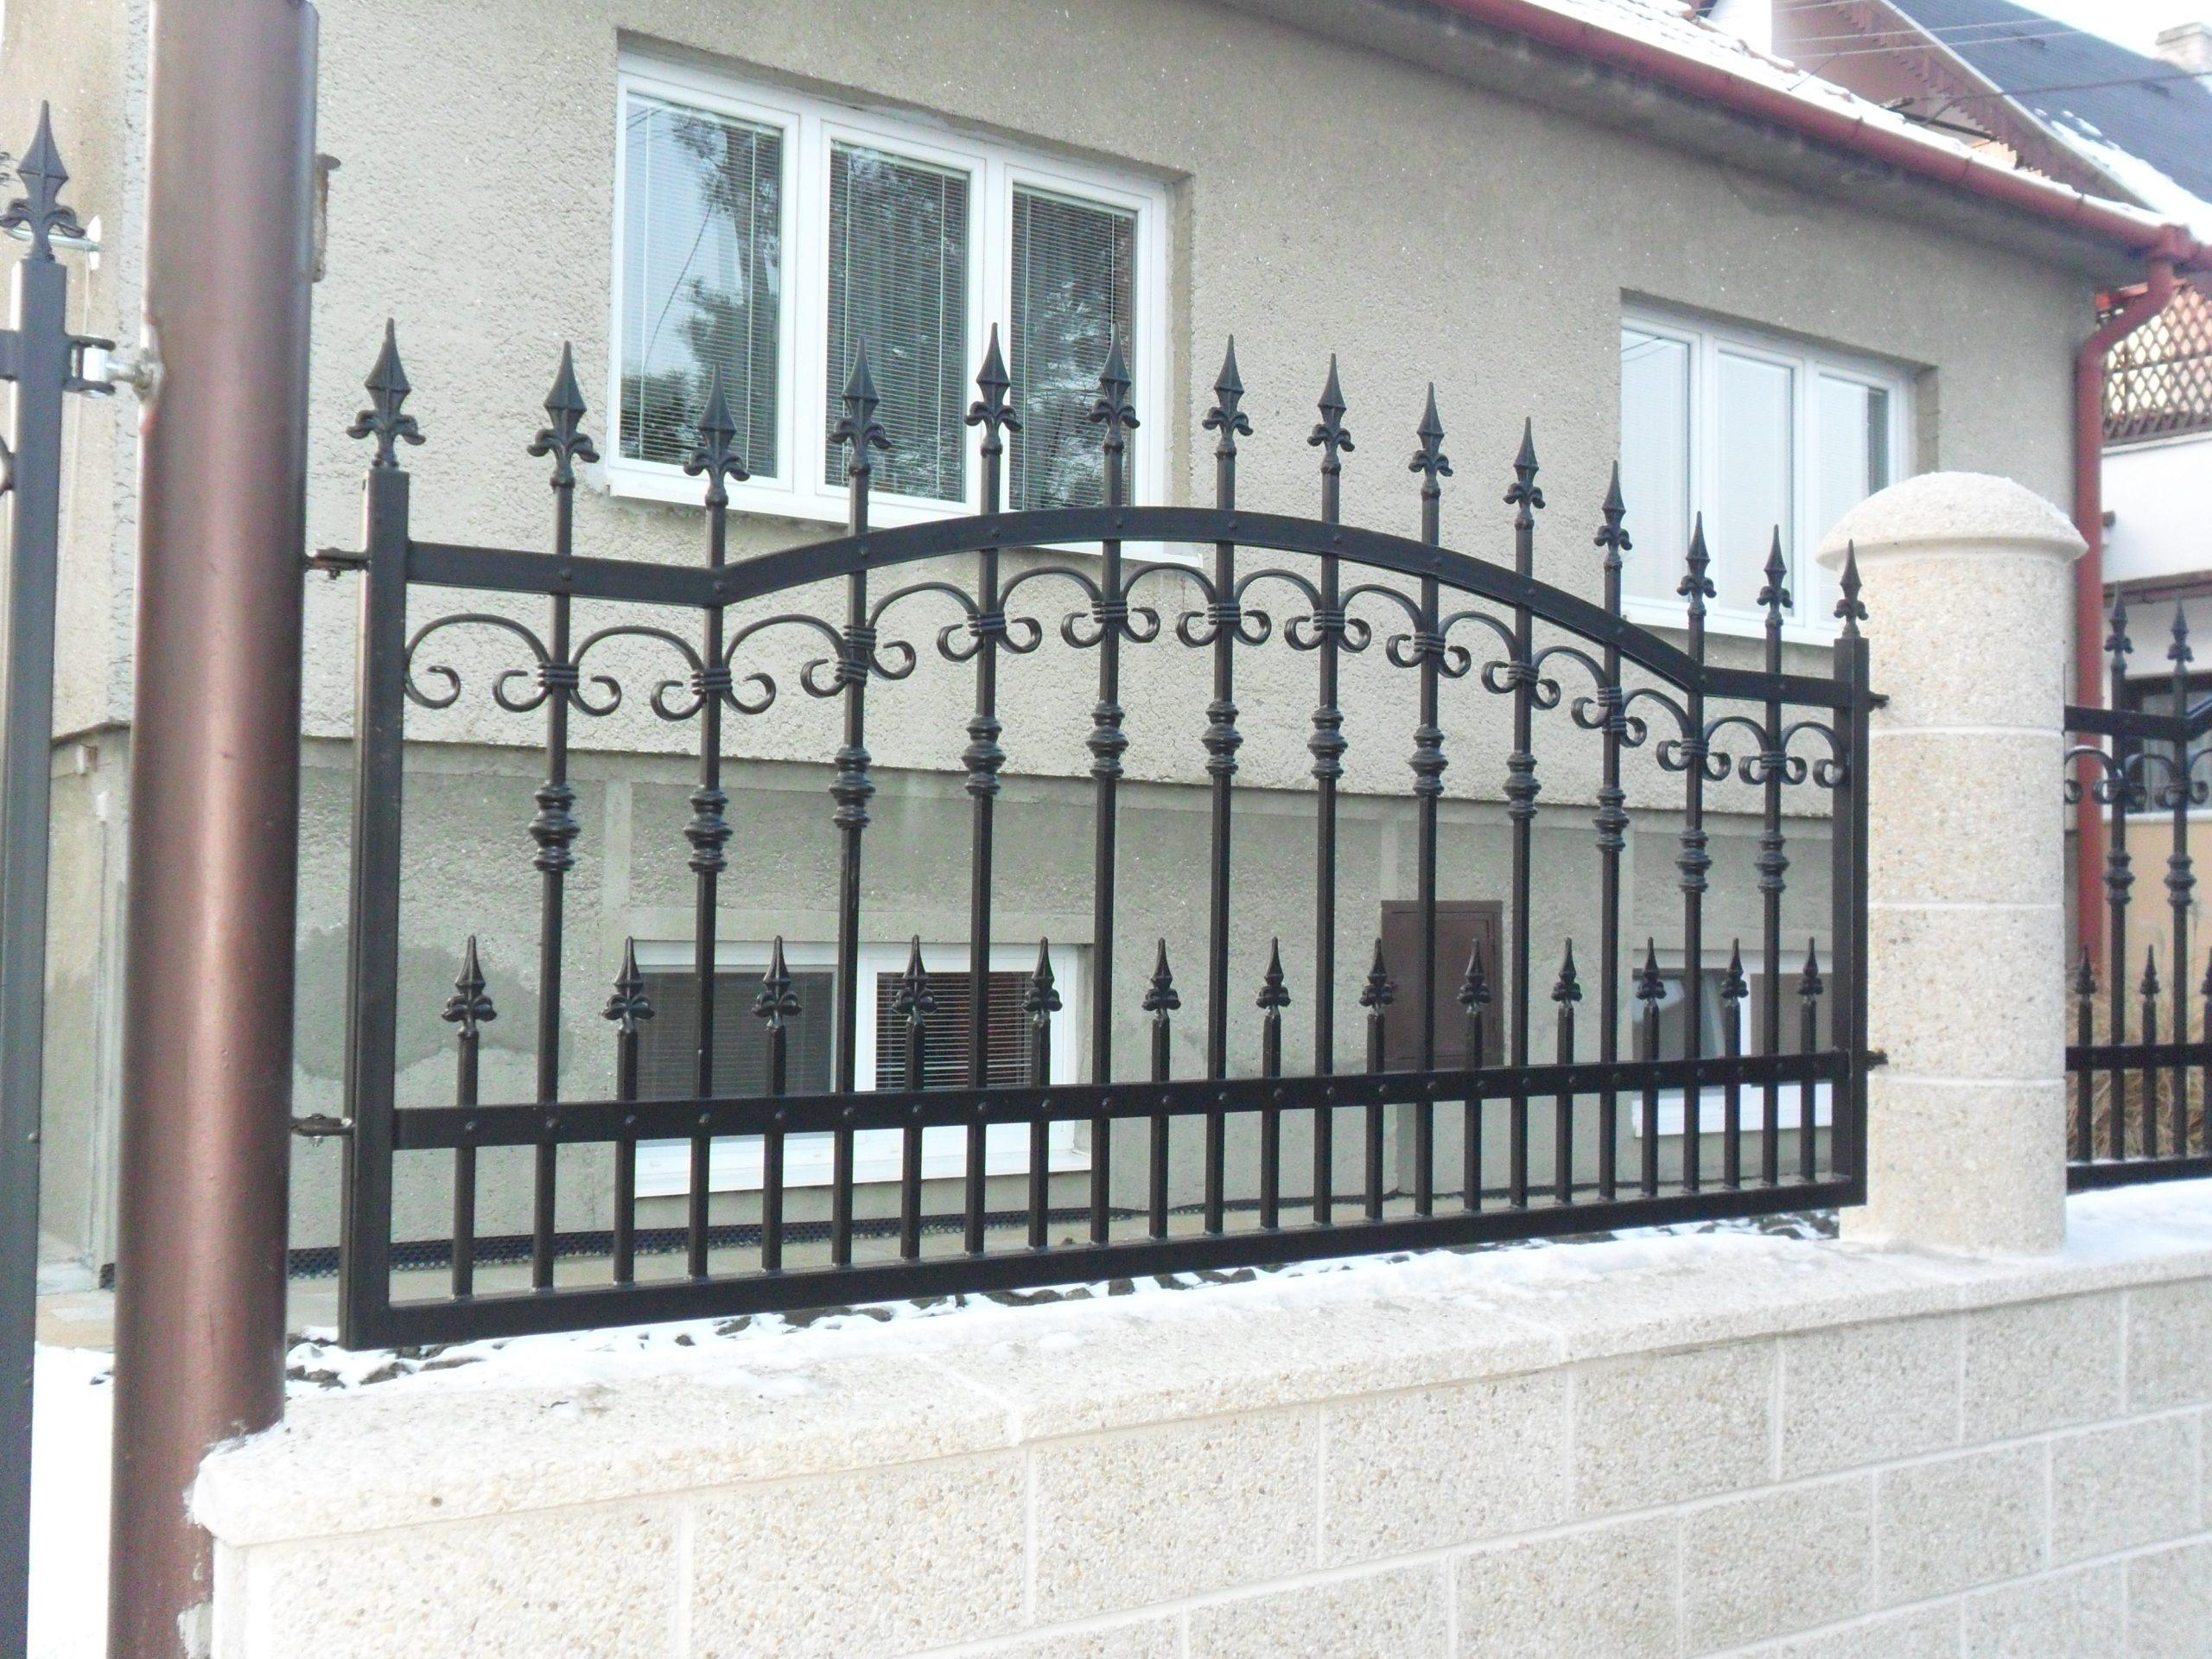 Kované ploty s unikátnym dizajnom